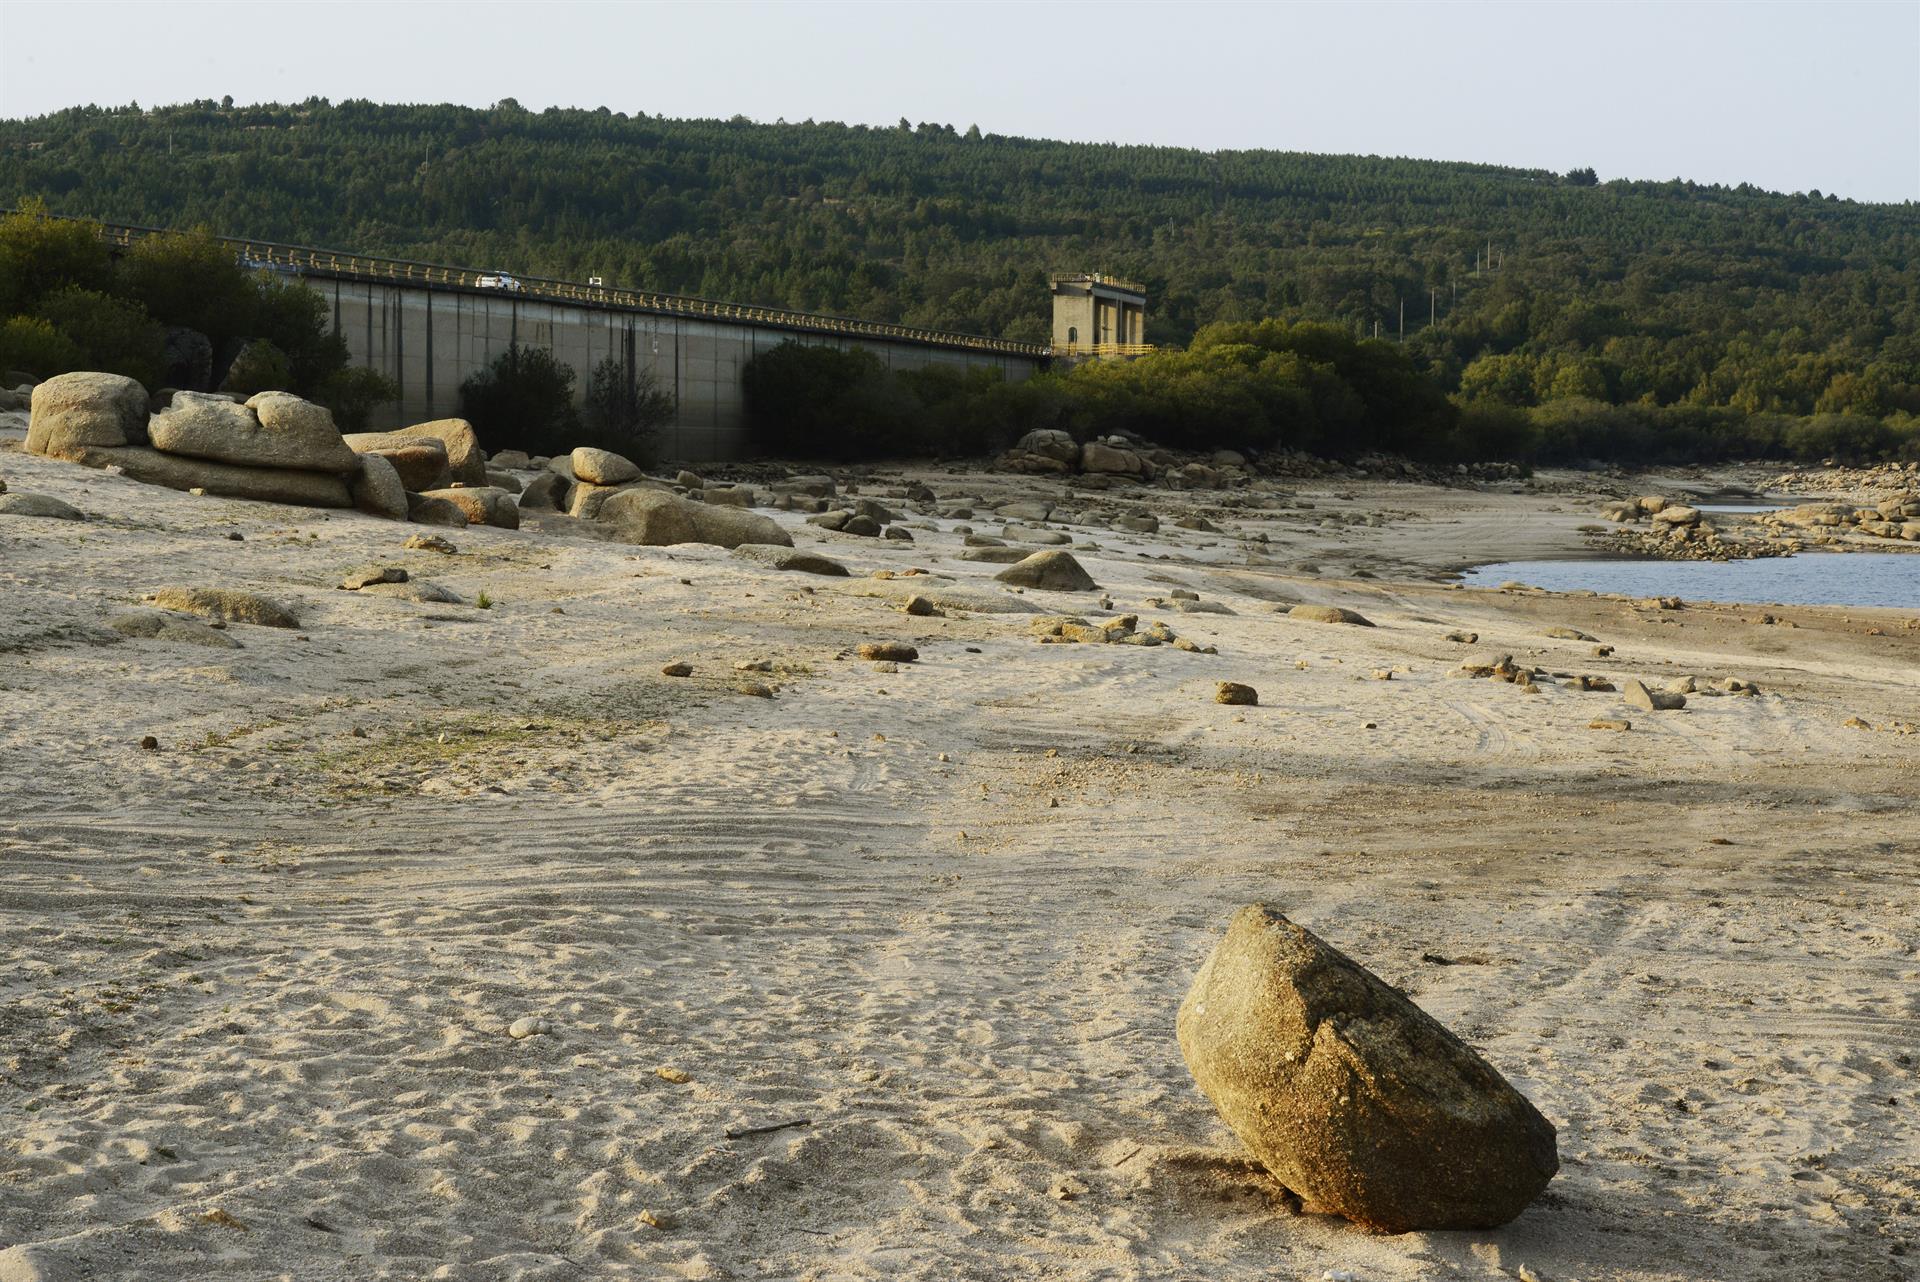 Vista general sobre el estado del embalse de Salas (Ourense) en la cuenca Miño-Sil, el 24 de agosto de 2021. - Rosa Veiga - Europa Press